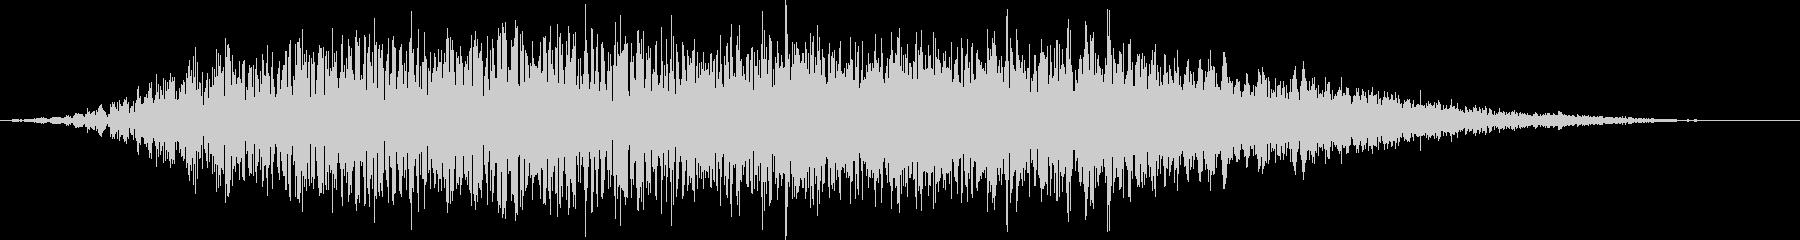 【物音】 シート テーブル 動かす 05の未再生の波形